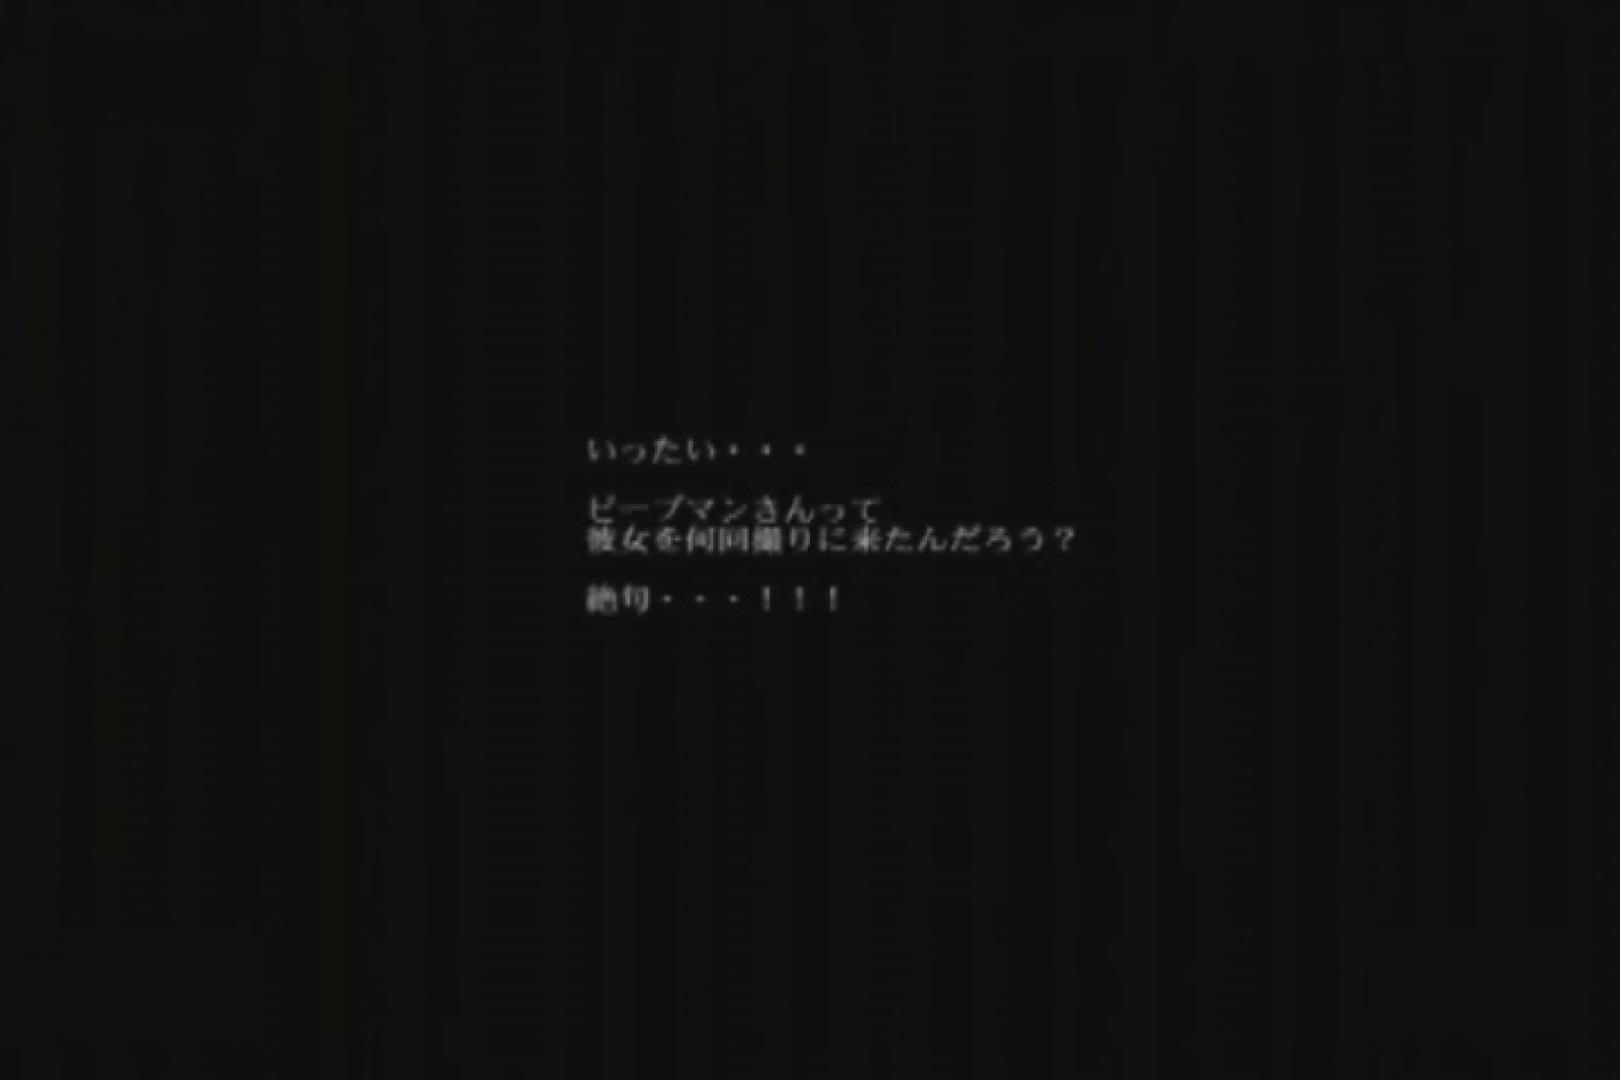 愛する彼女の風呂ストーカー盗撮 vol.002 0  48pic 34